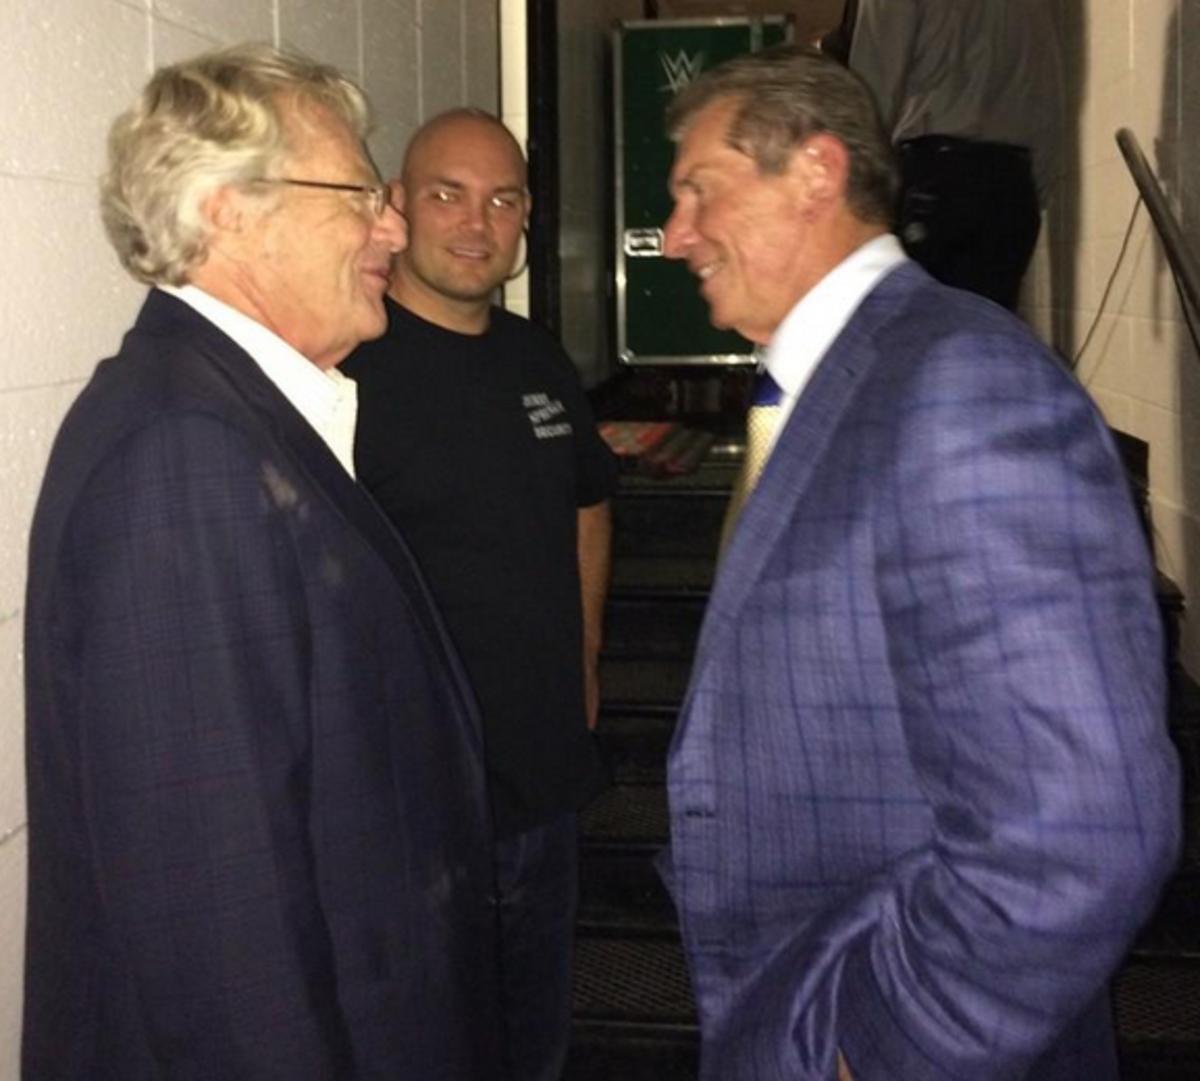 Jerry Springer & Vince McMahon